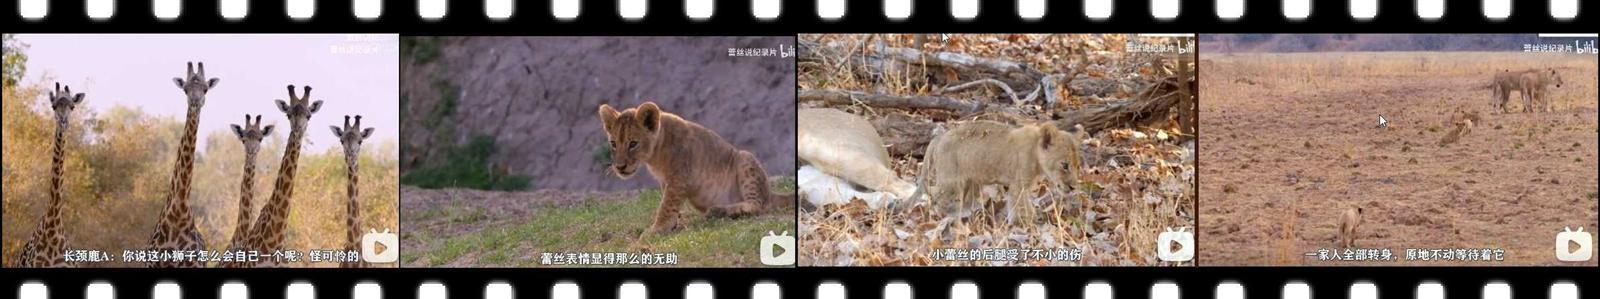 【视频】小狮子蕾丝的故事